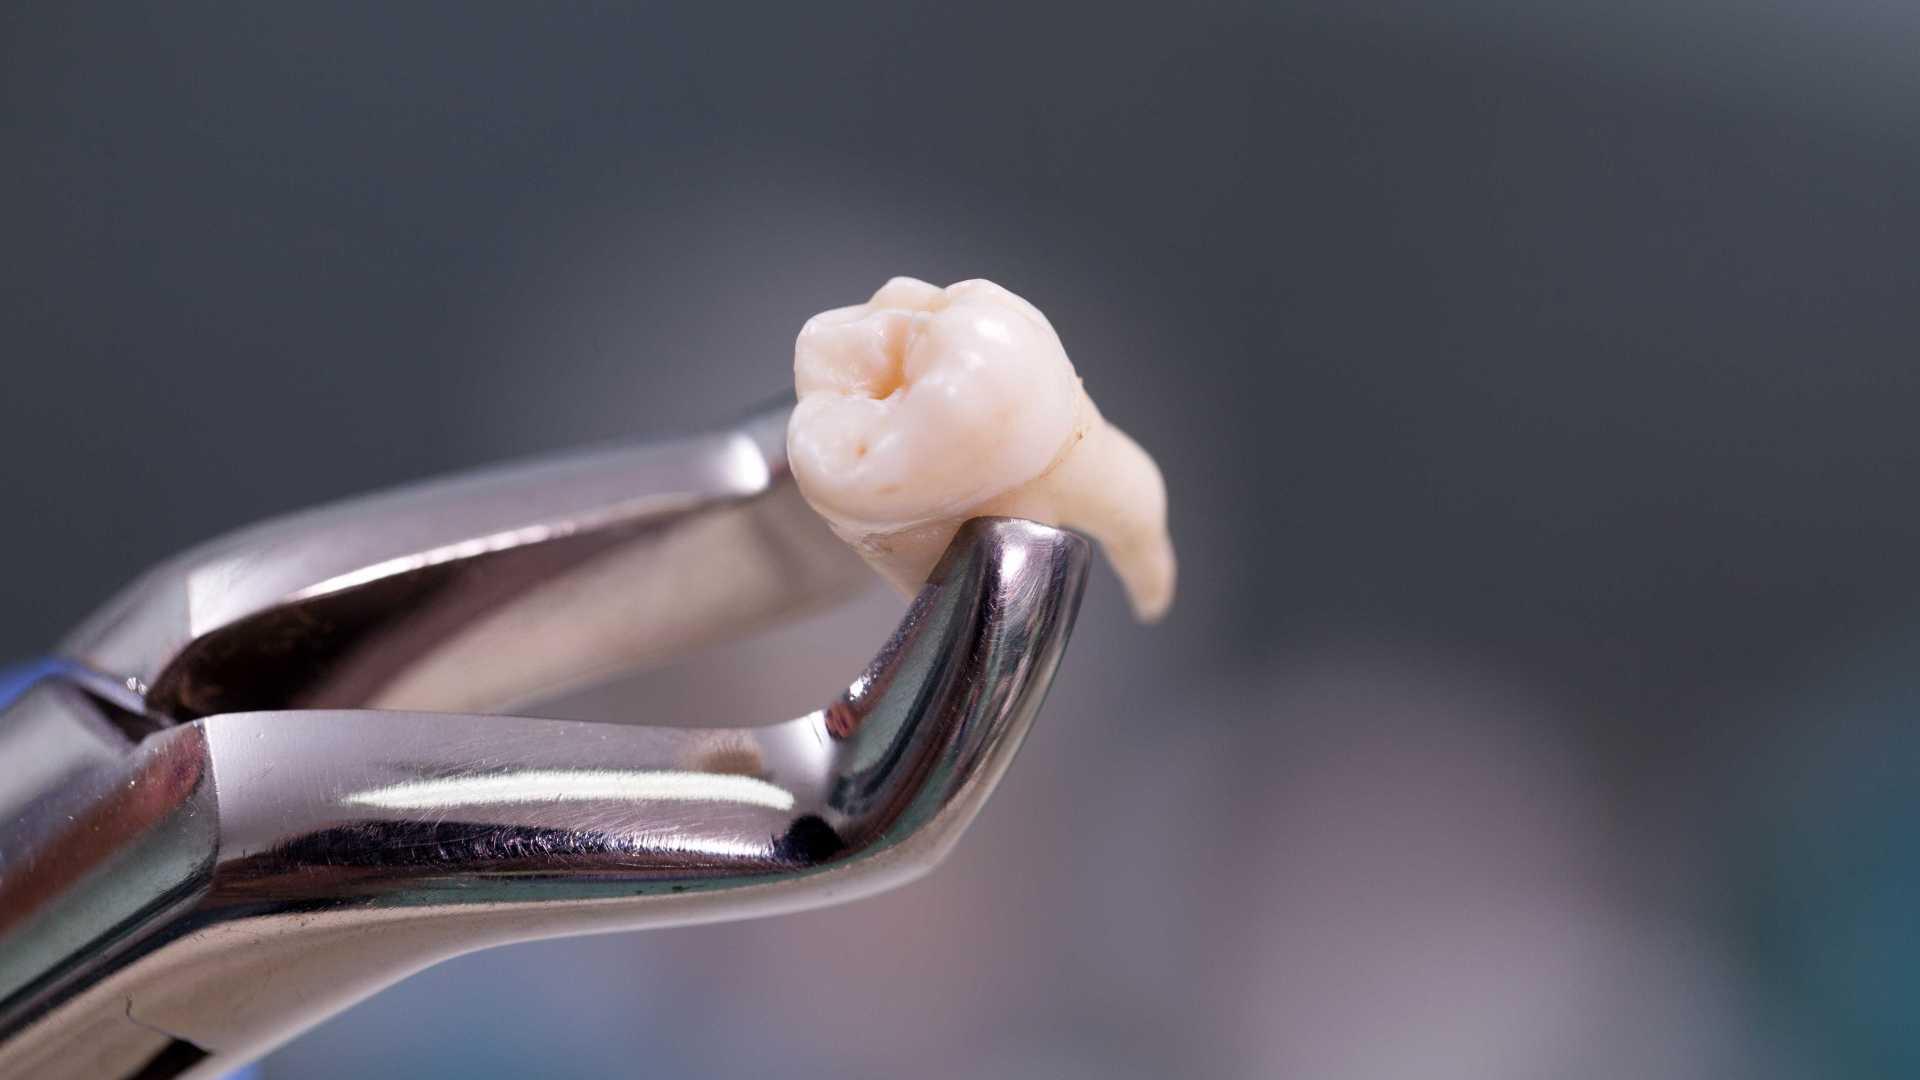 dente extraído